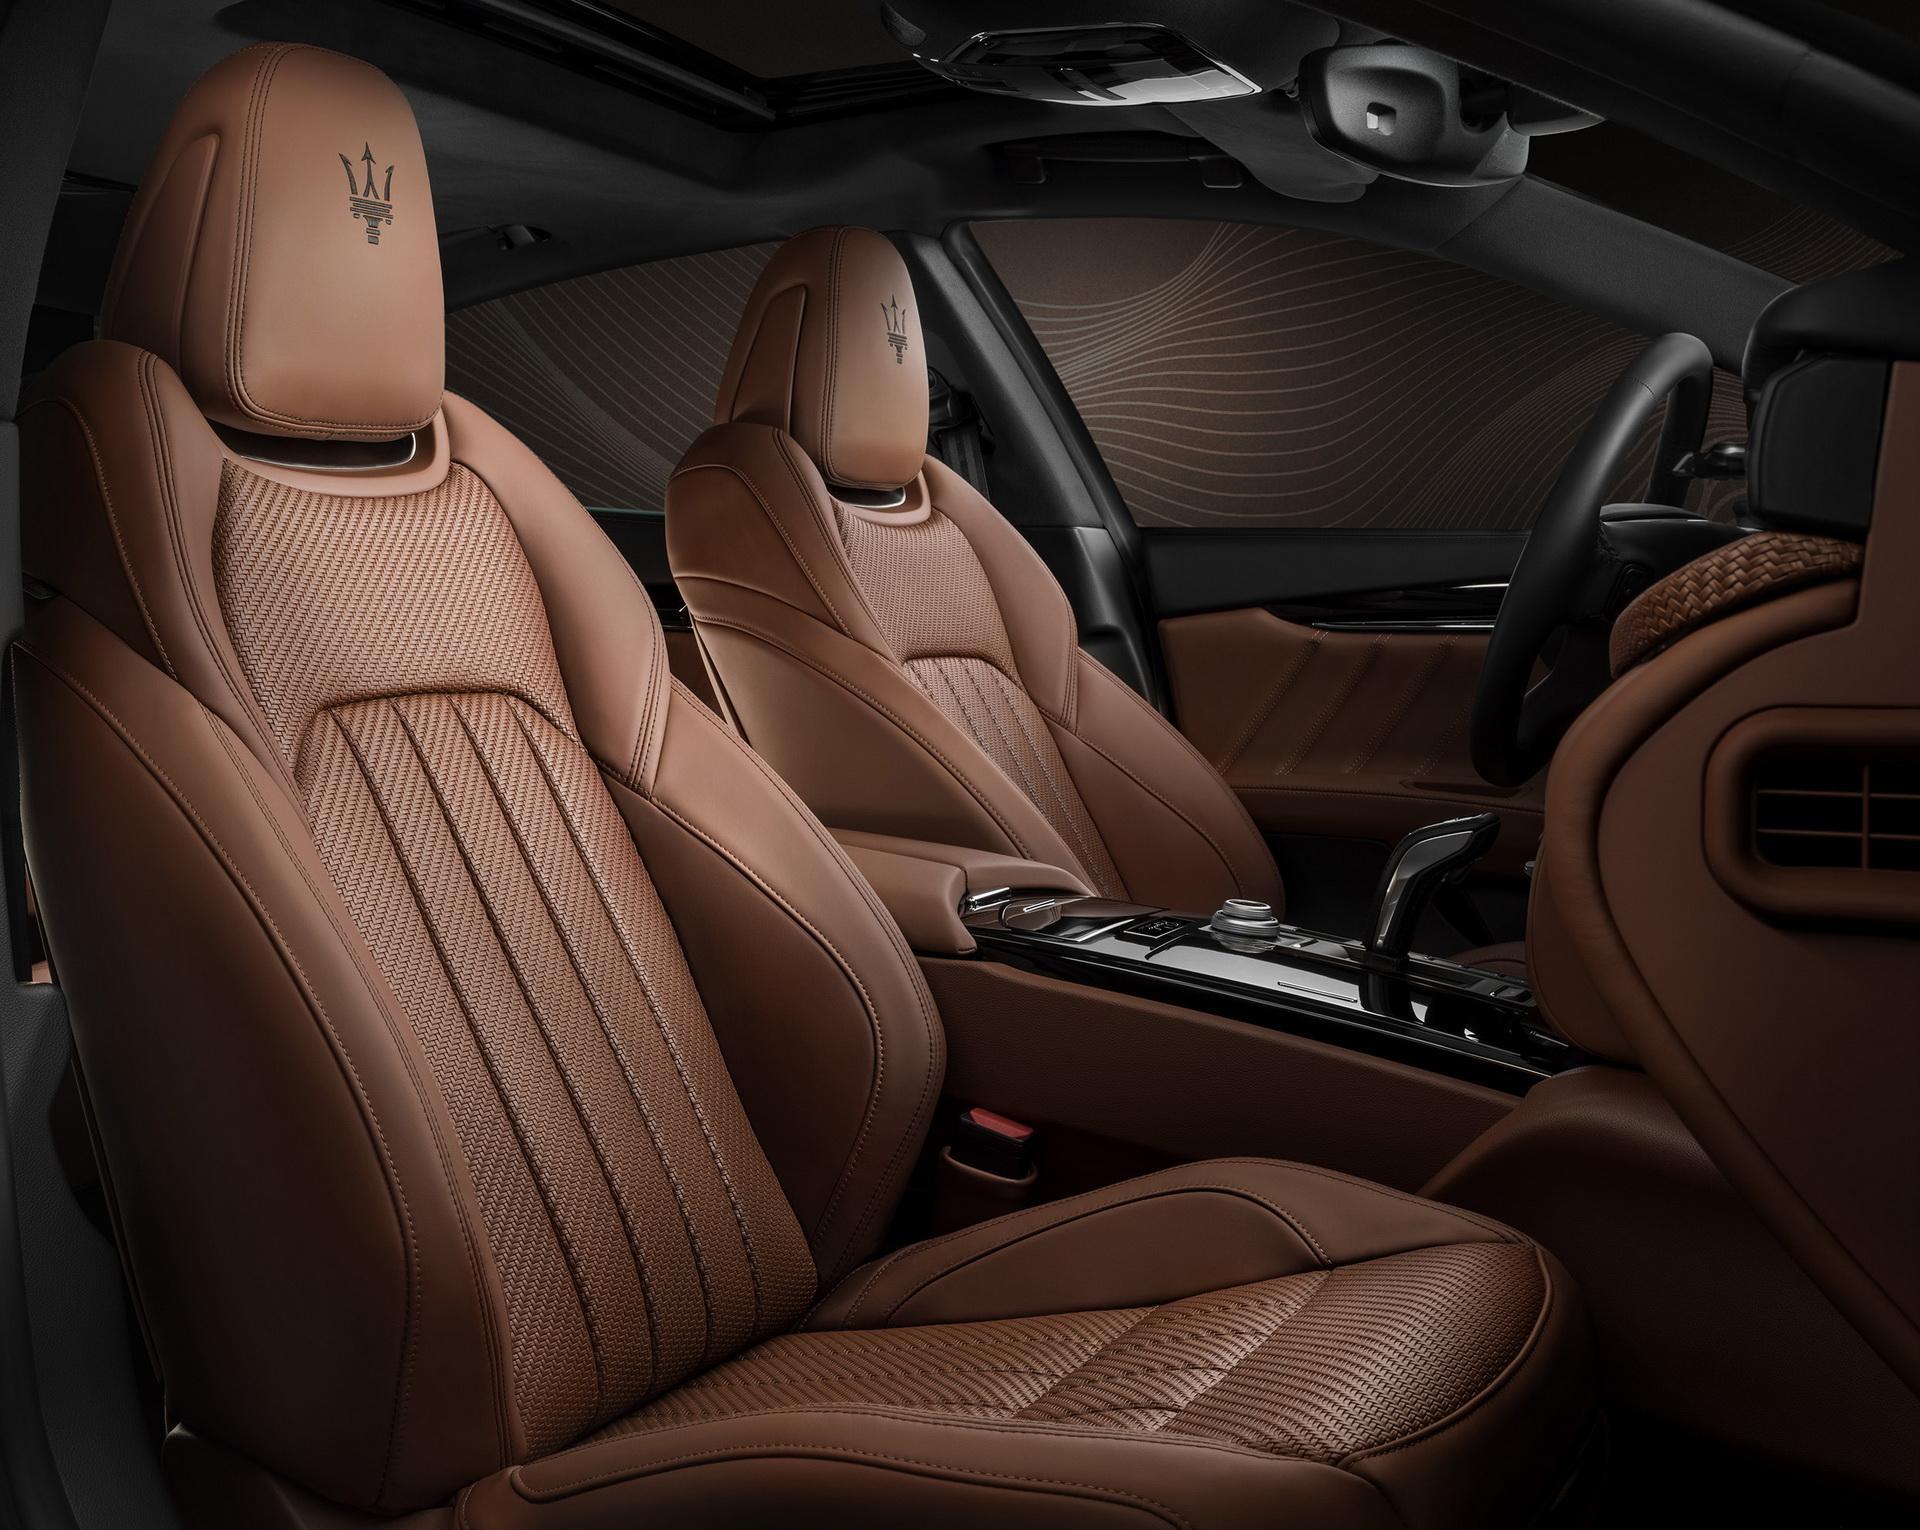 Maserati-Quattroporte-Levante-And-Ghibli-Royale-editions-8